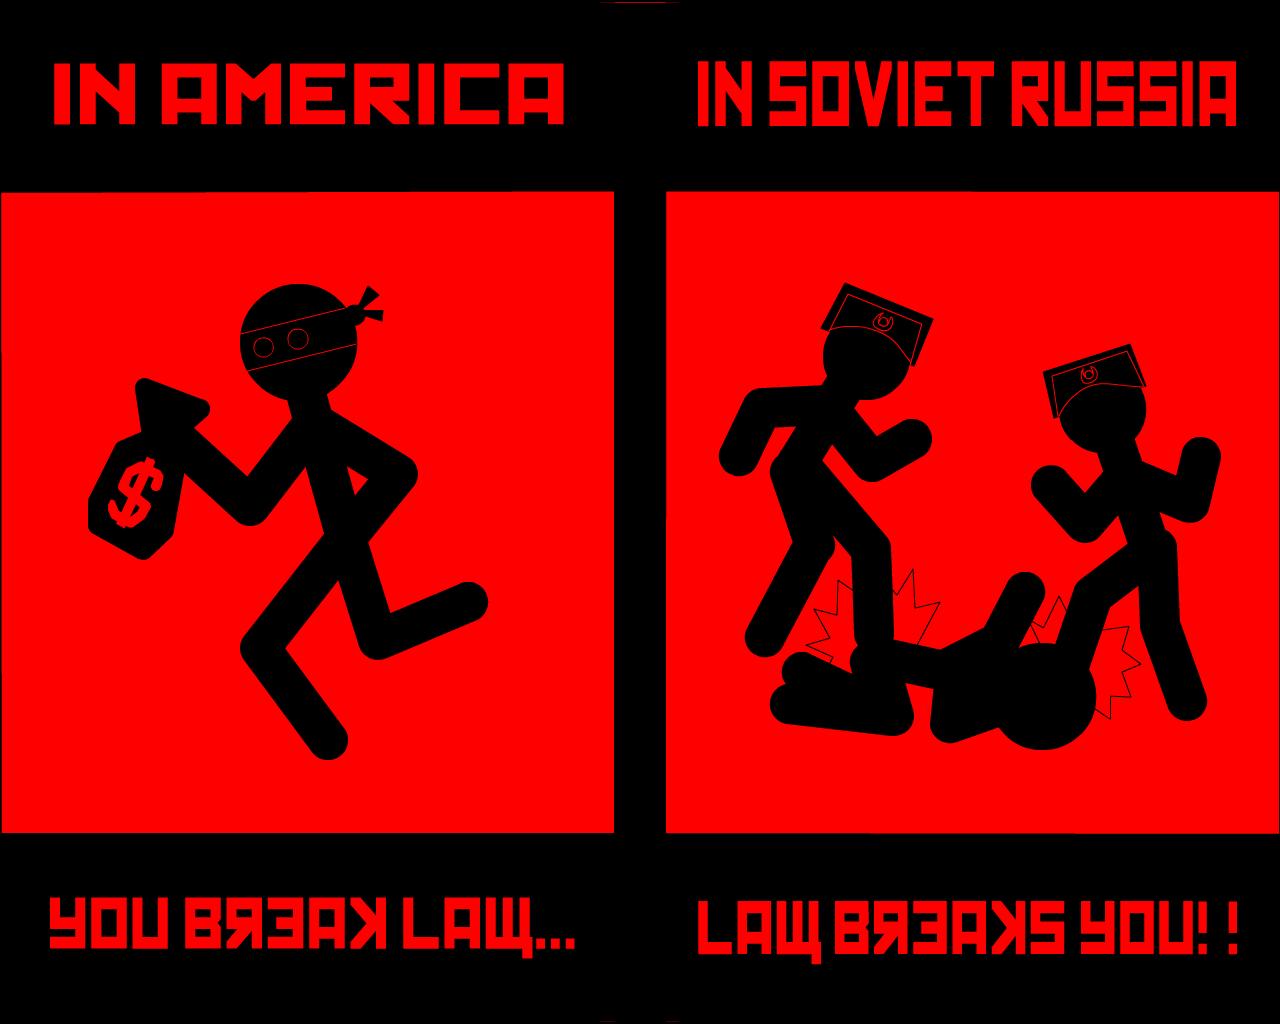 funny soviet memes